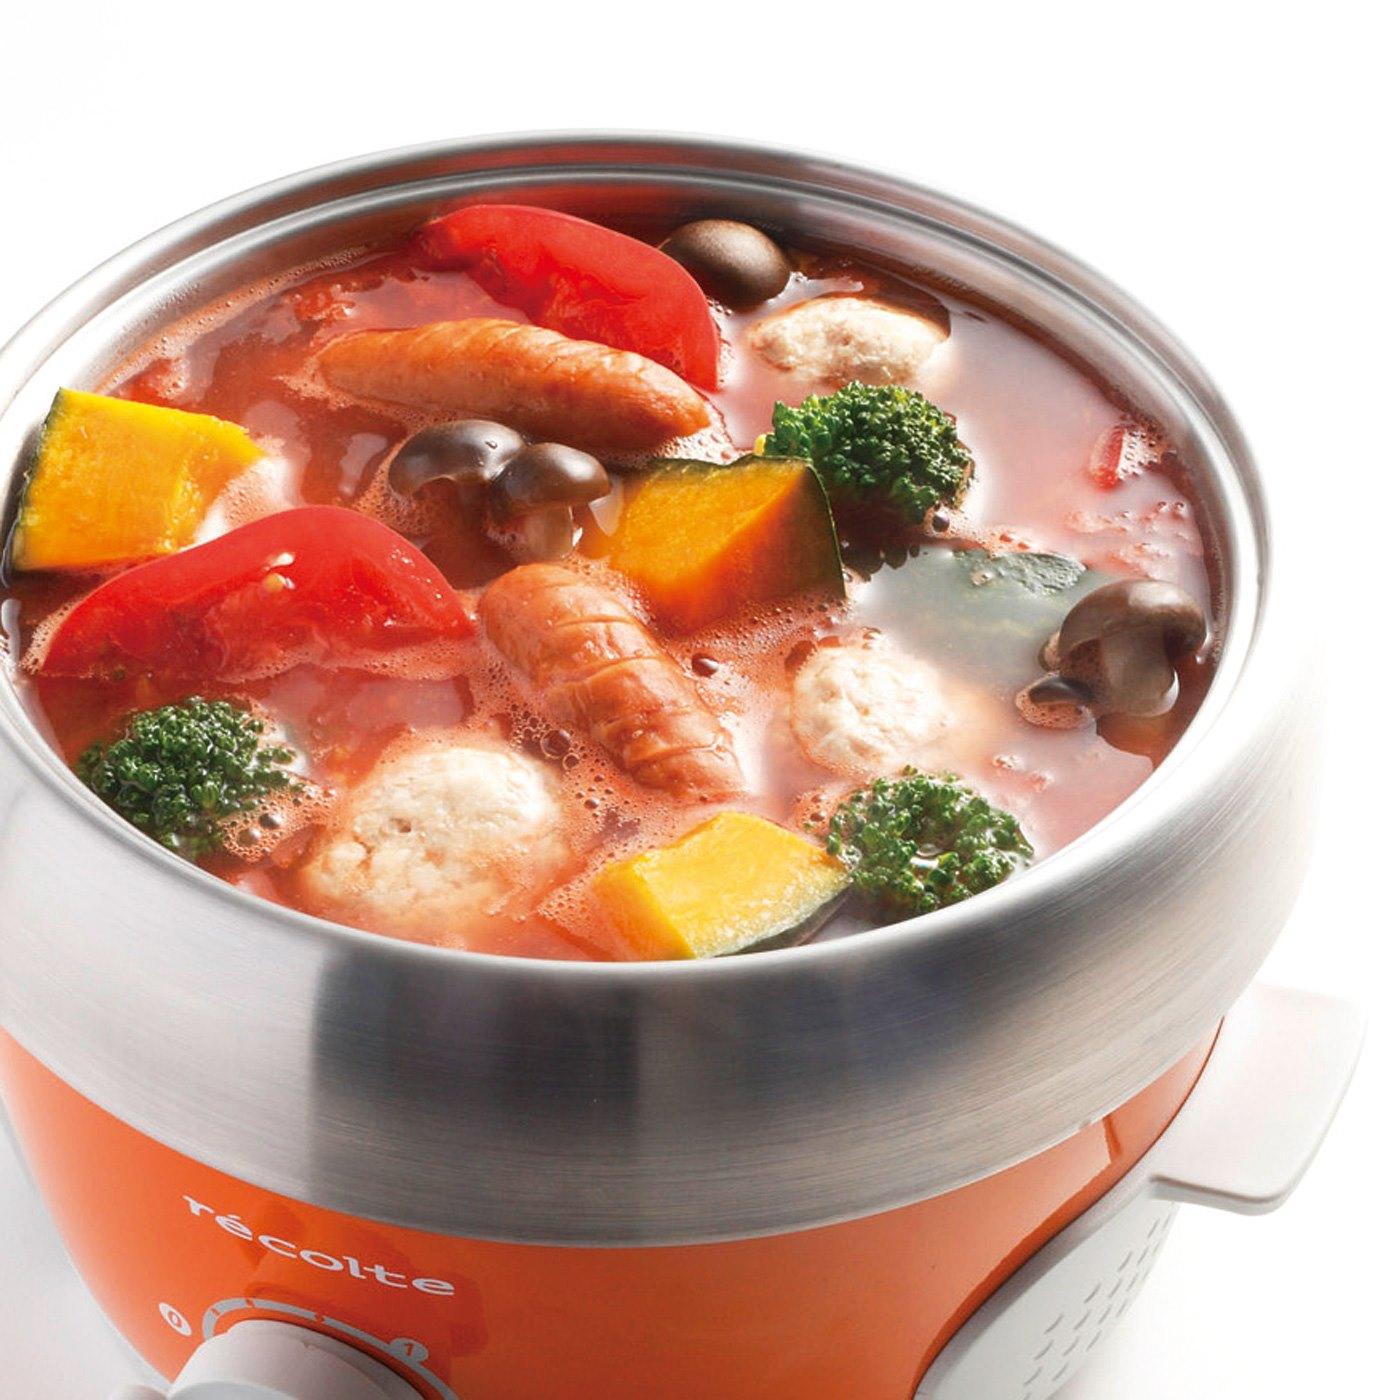 ポトフやひとり用のキムチ鍋、鍋焼きうどんなどに。 ※お届けするカラーとは異なります。